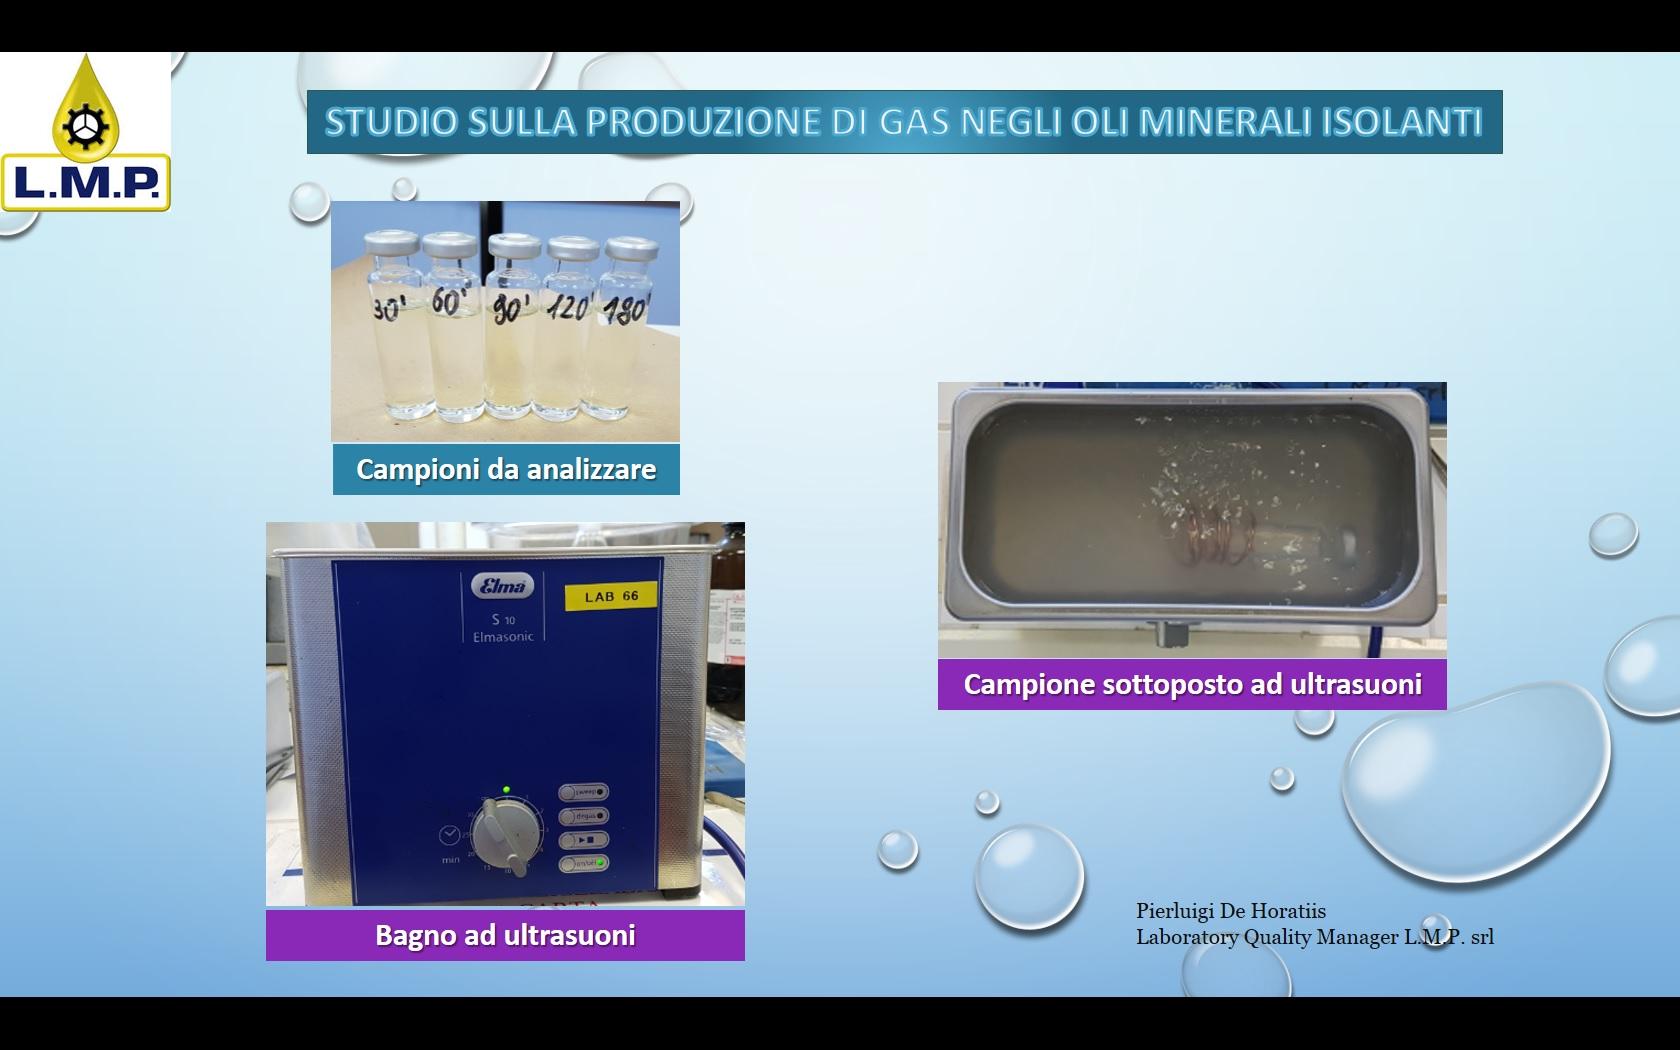 Produzione di gas dopo il trattamento con ultrasuoni  Blog di Pierluigi De Horatiis